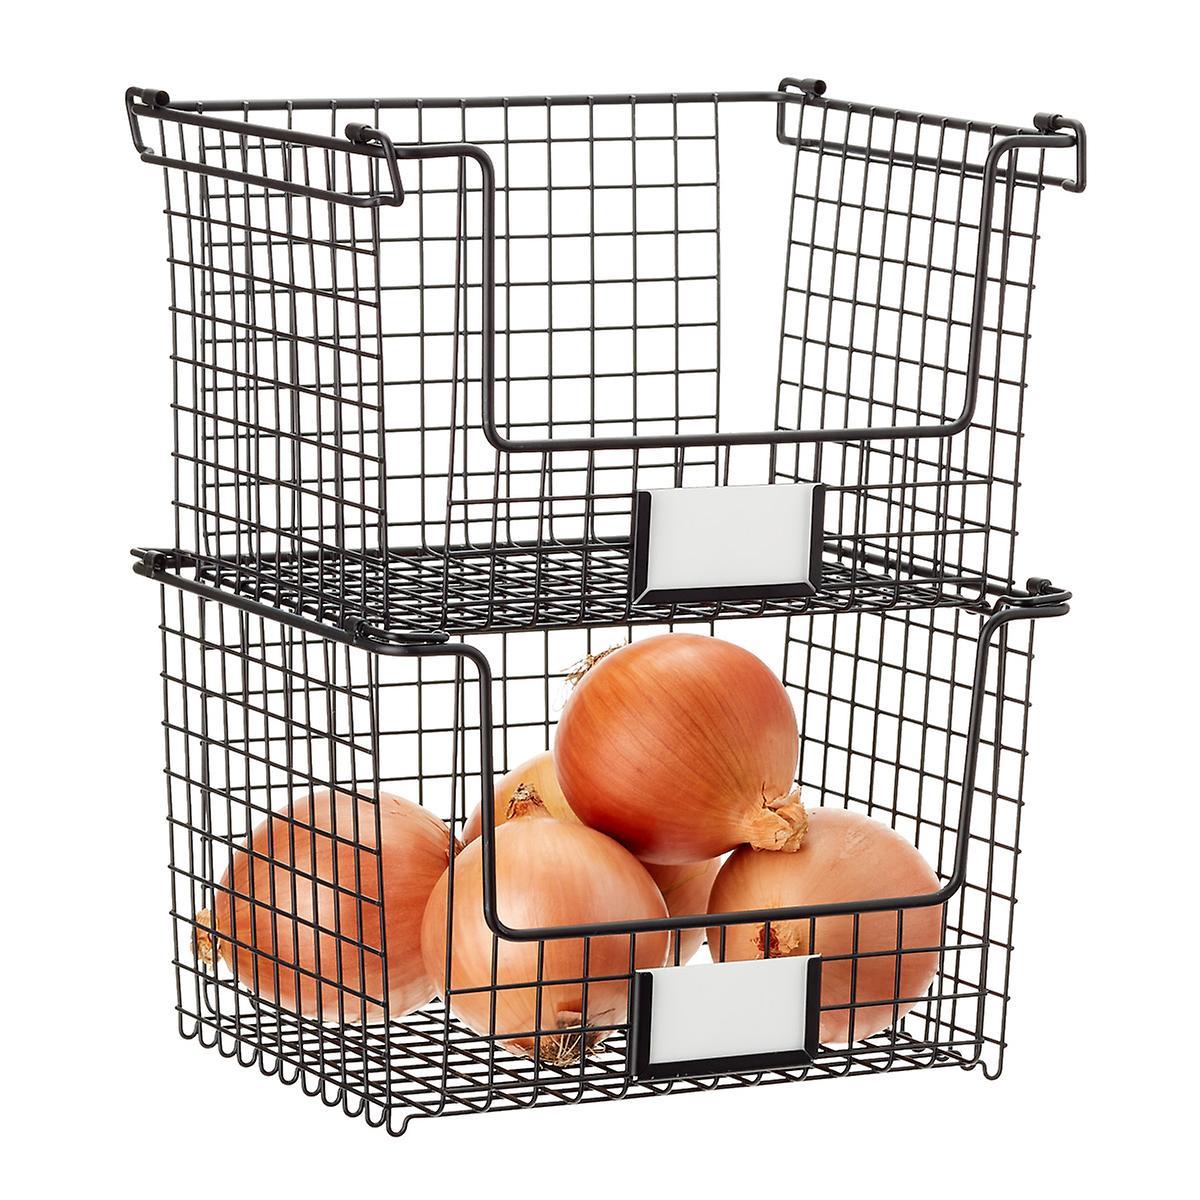 stacking mesh baskets